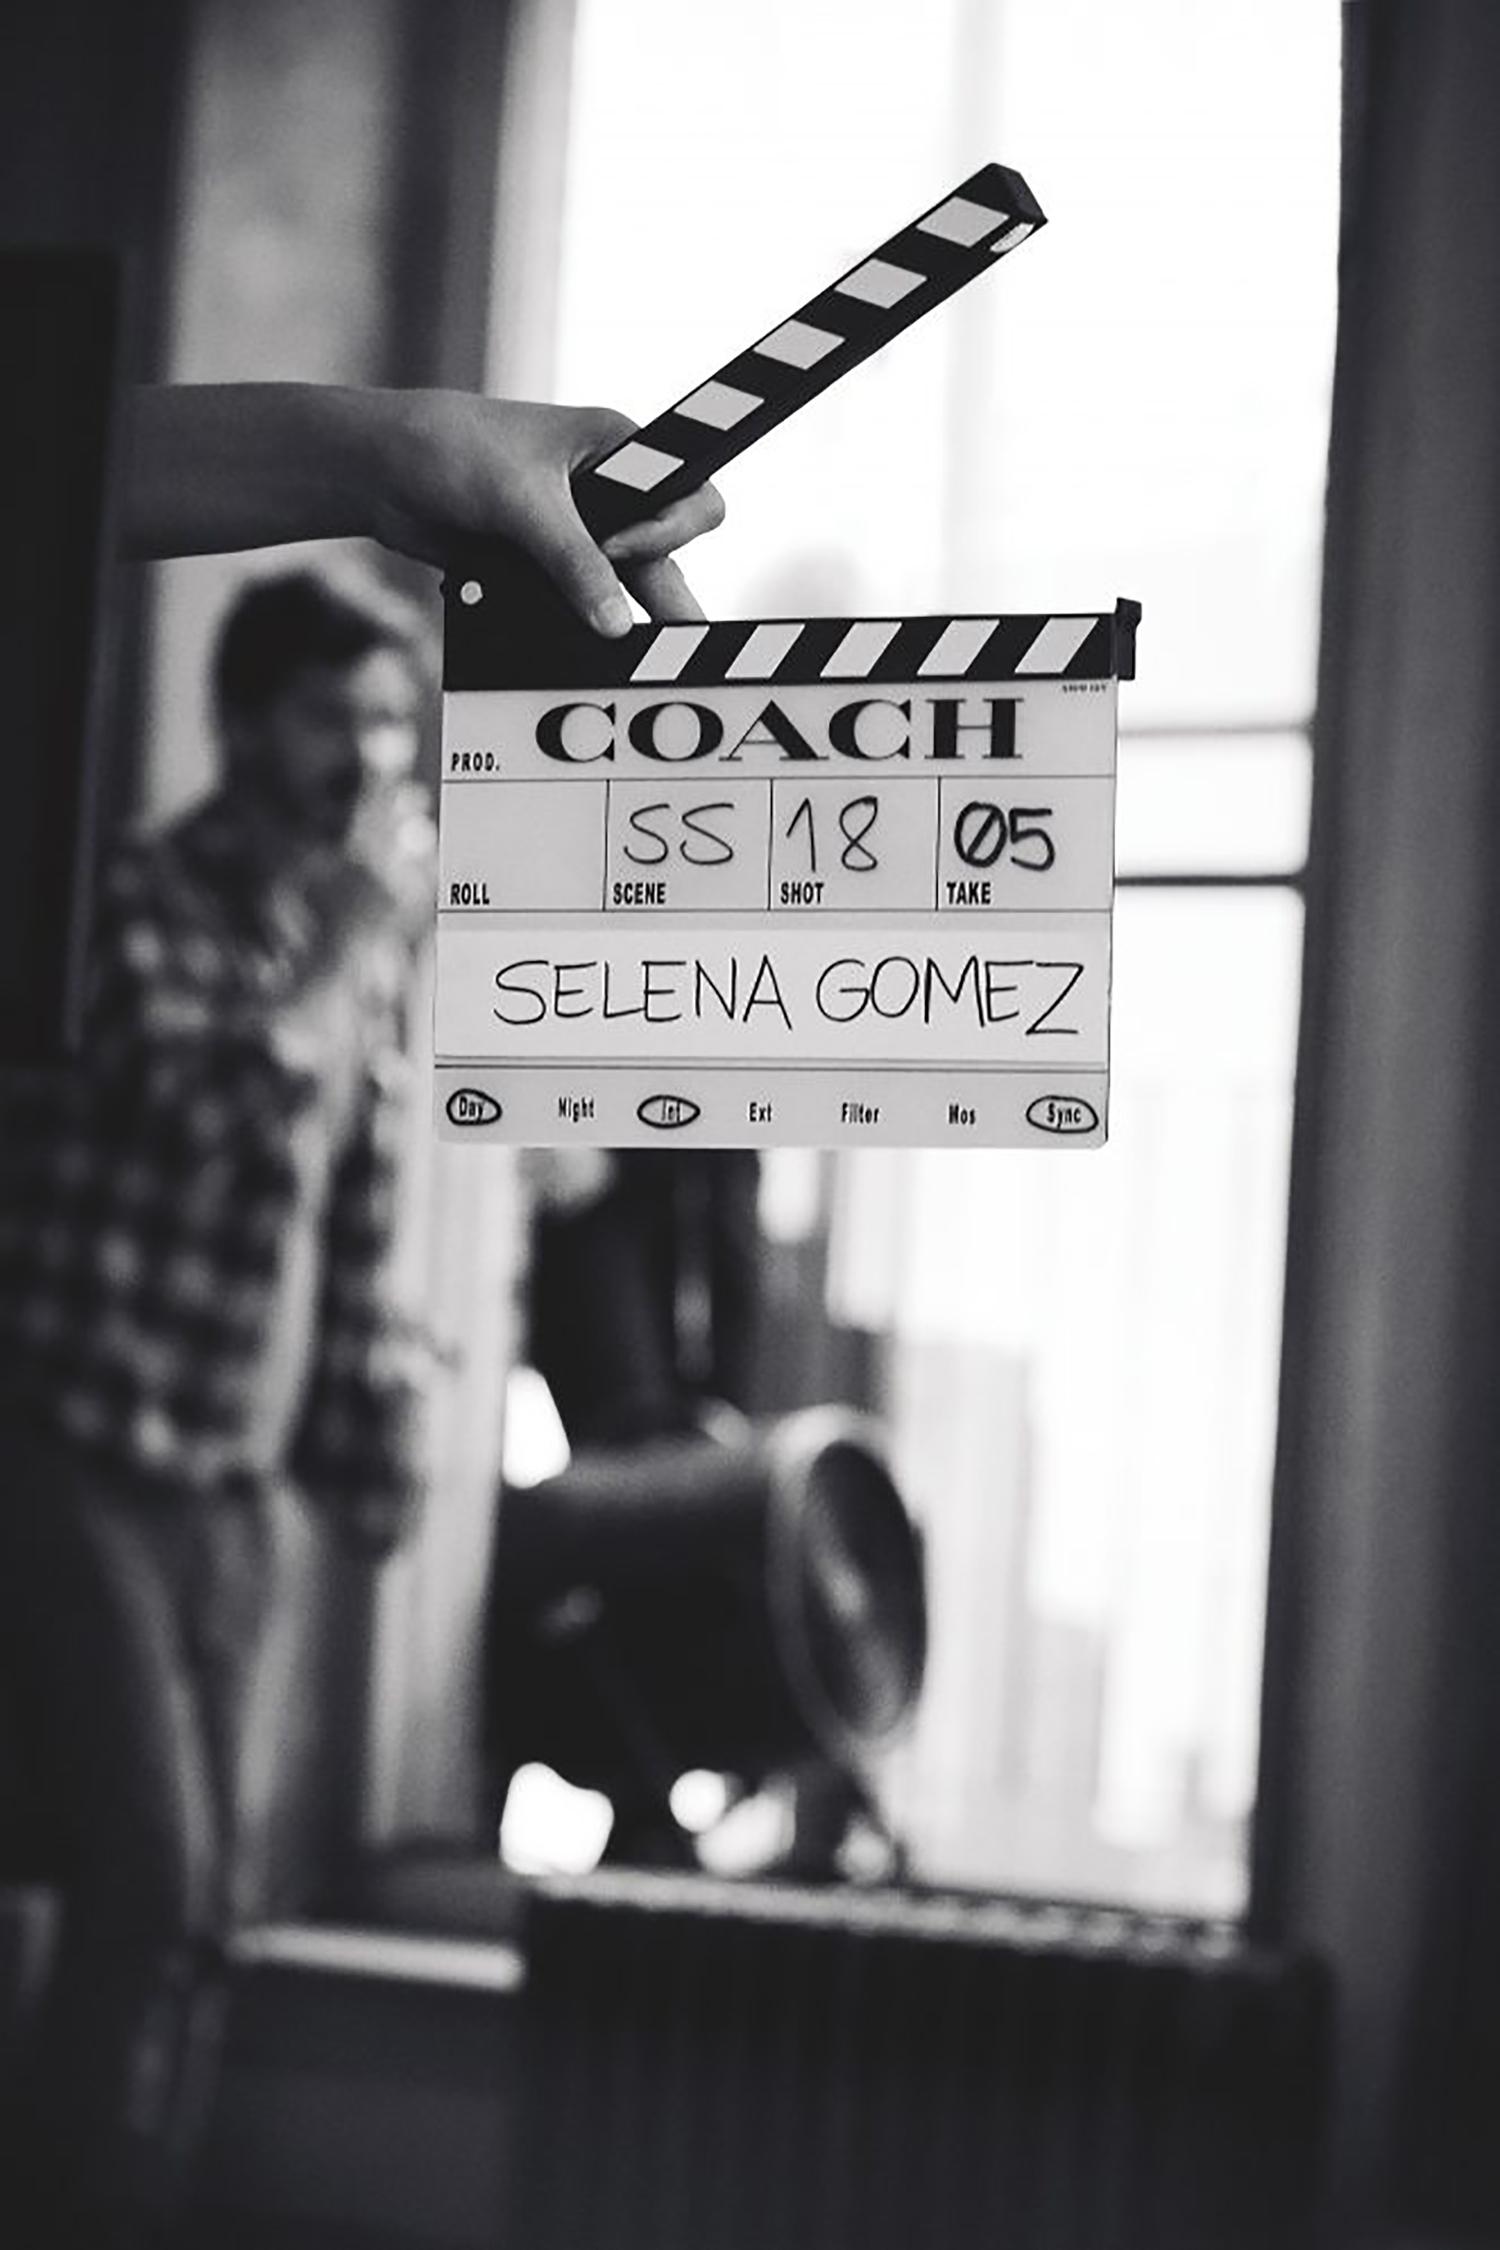 Selena Gomez hợp tác với Coach tung ra BST túi xách thời trang trong chiến dịch Mùa xuân 2018